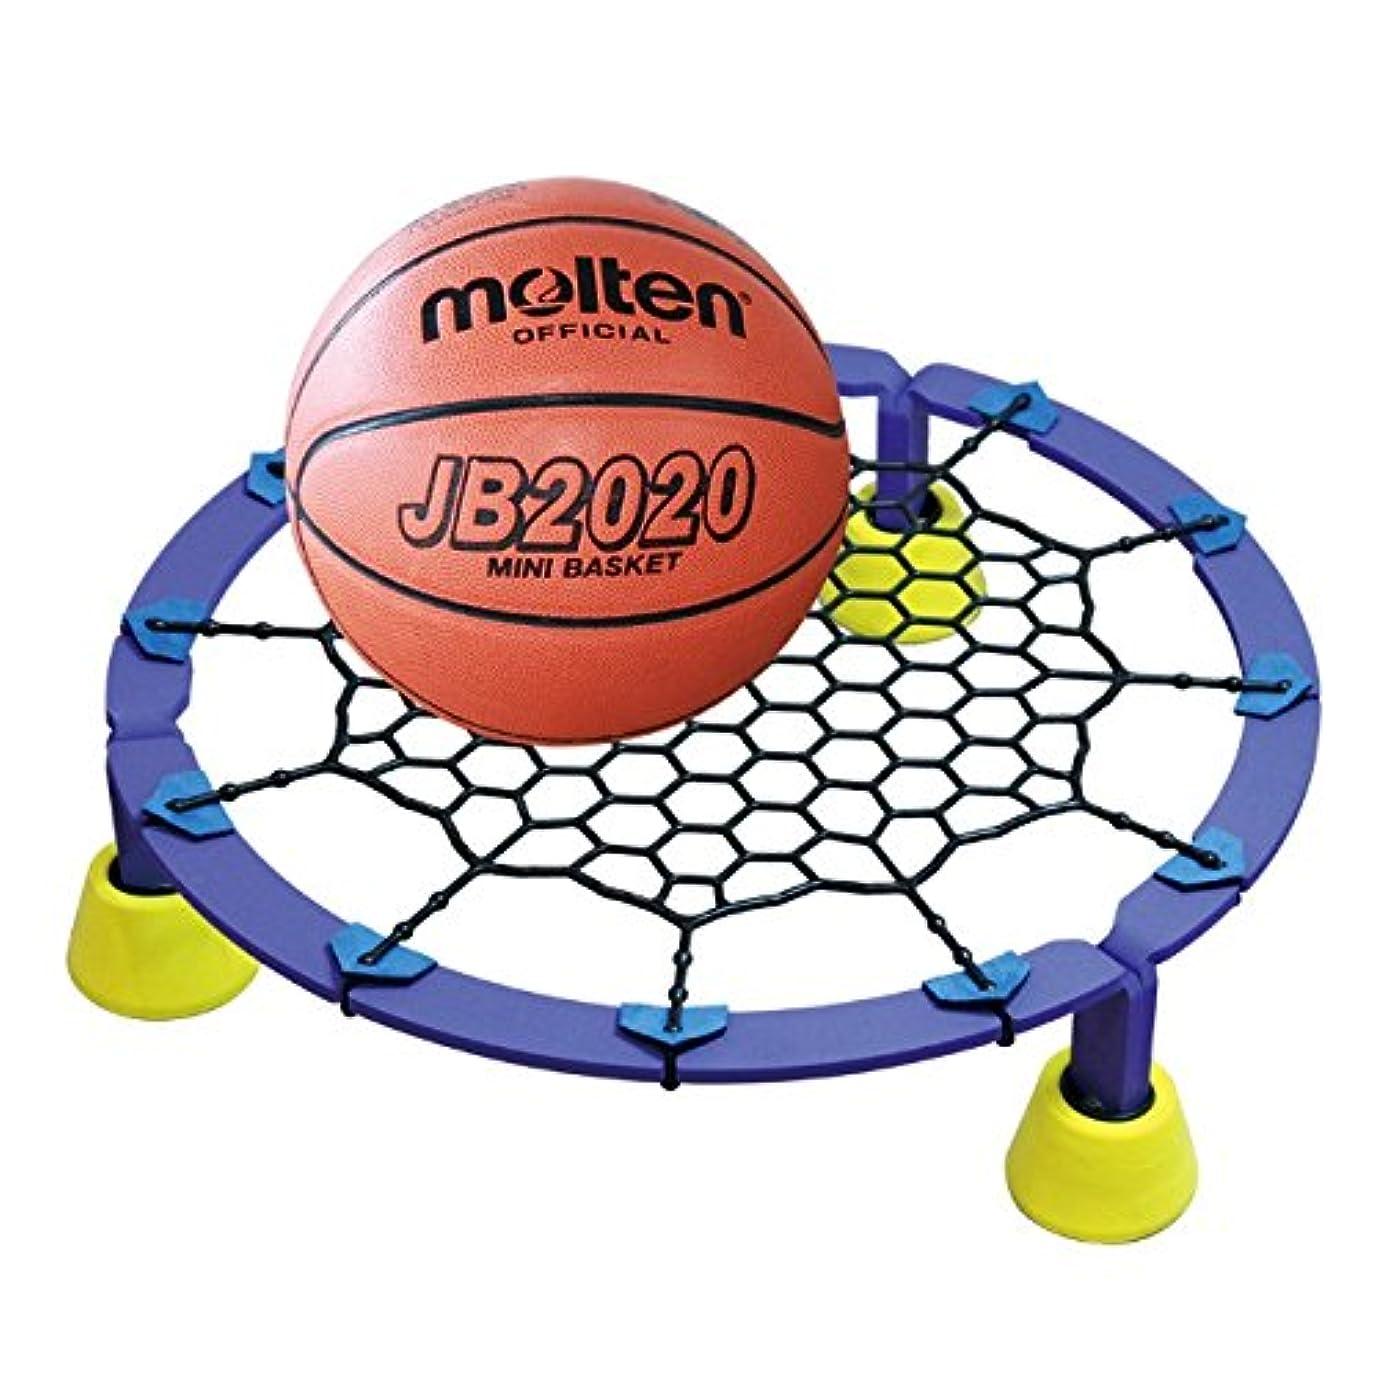 時制耐える局エアドリブル 最新版 バスケットボール ドリブル練習 室内 マンション リビングで練習 ミニバス 自主練 でトレーニング用品 AirDribble